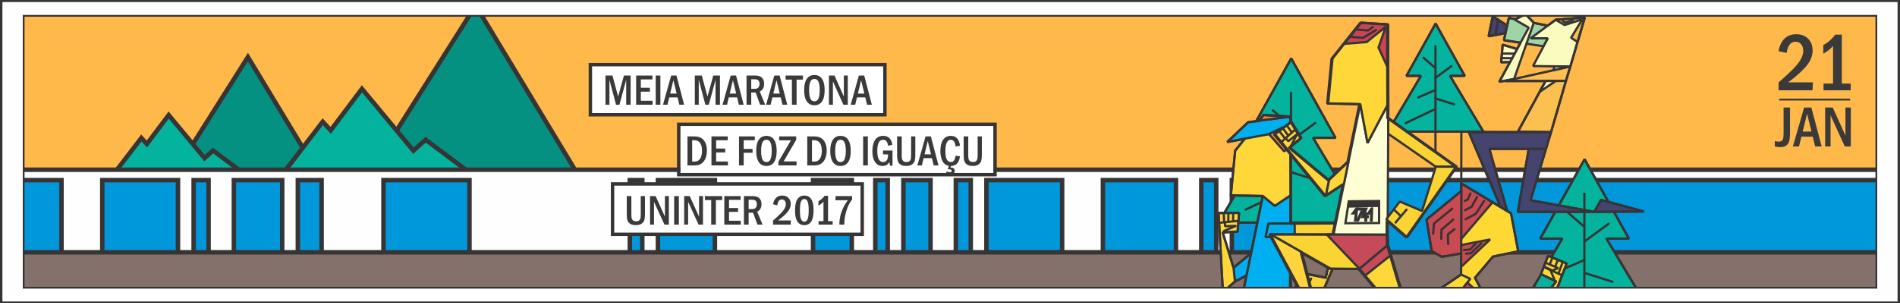 MEIA MARATONA DE FOZ DO IGUAÇU UNINTER - 2018 - Imagem de topo